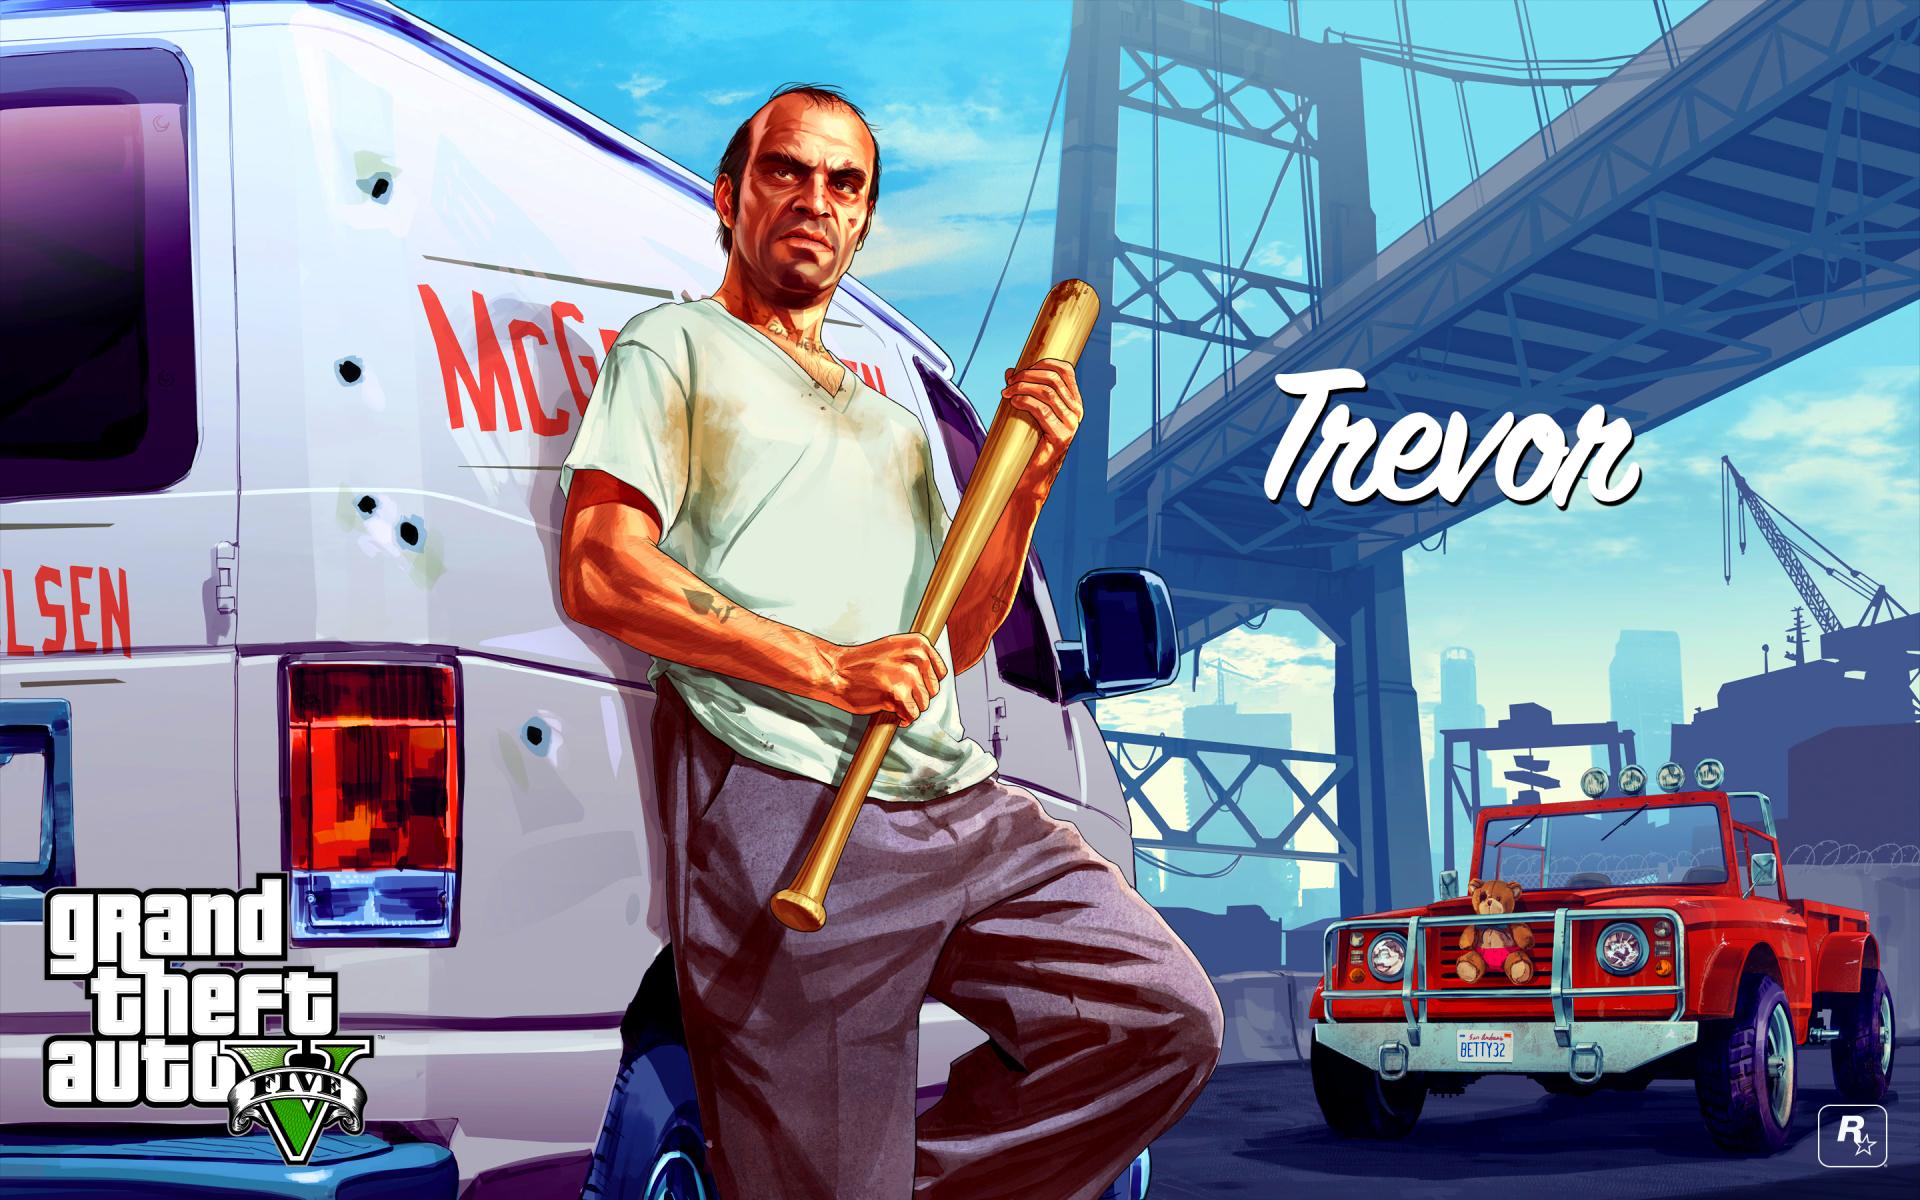 Trevor - Grand Theft Auto V Wallpaper (42770486) - Fanpop